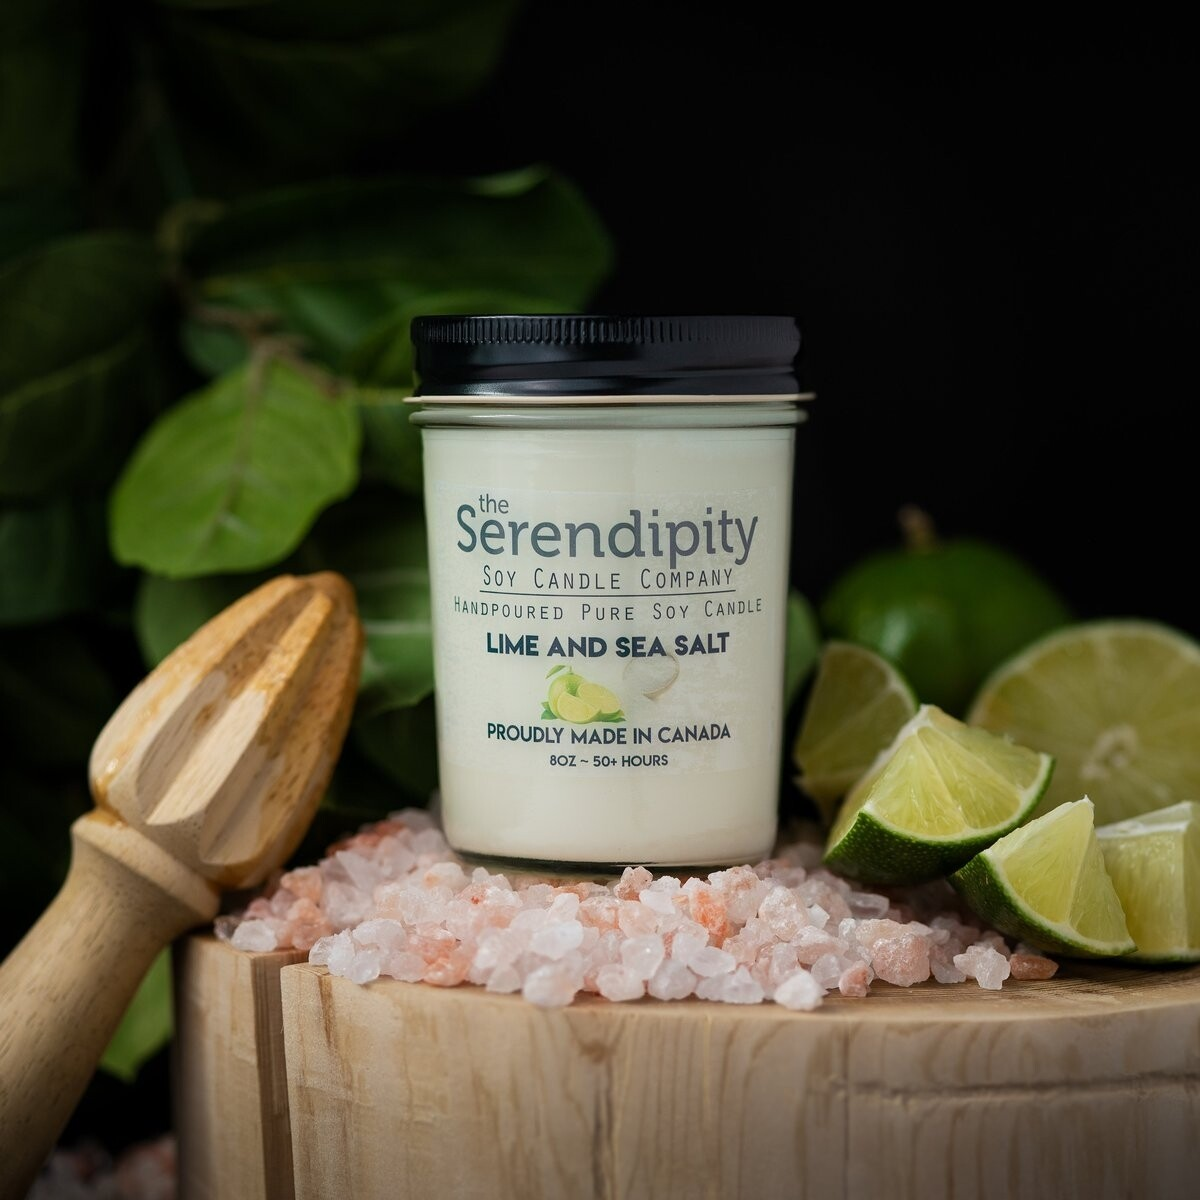 Serendipity 8 oz Soy Candle Jar | Lime & Sea Salt